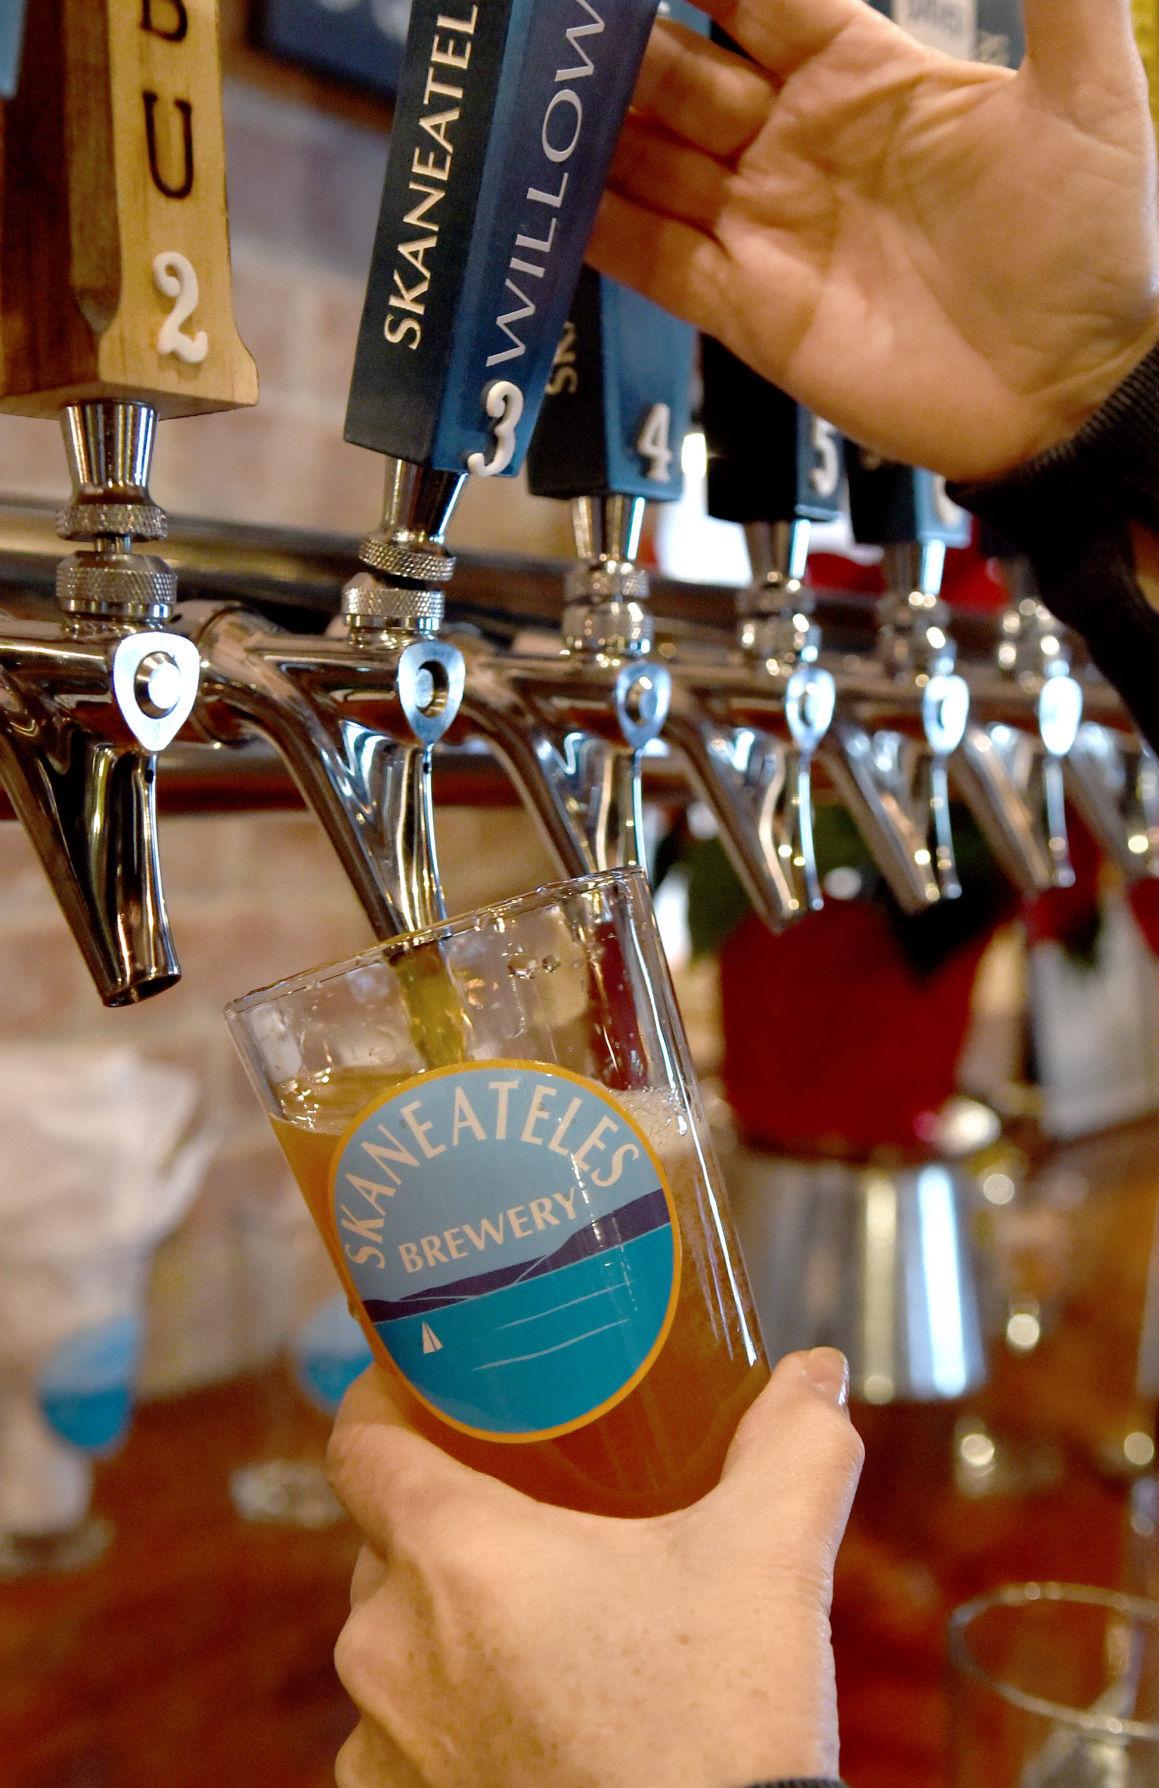 Skaneateles Brewery 2